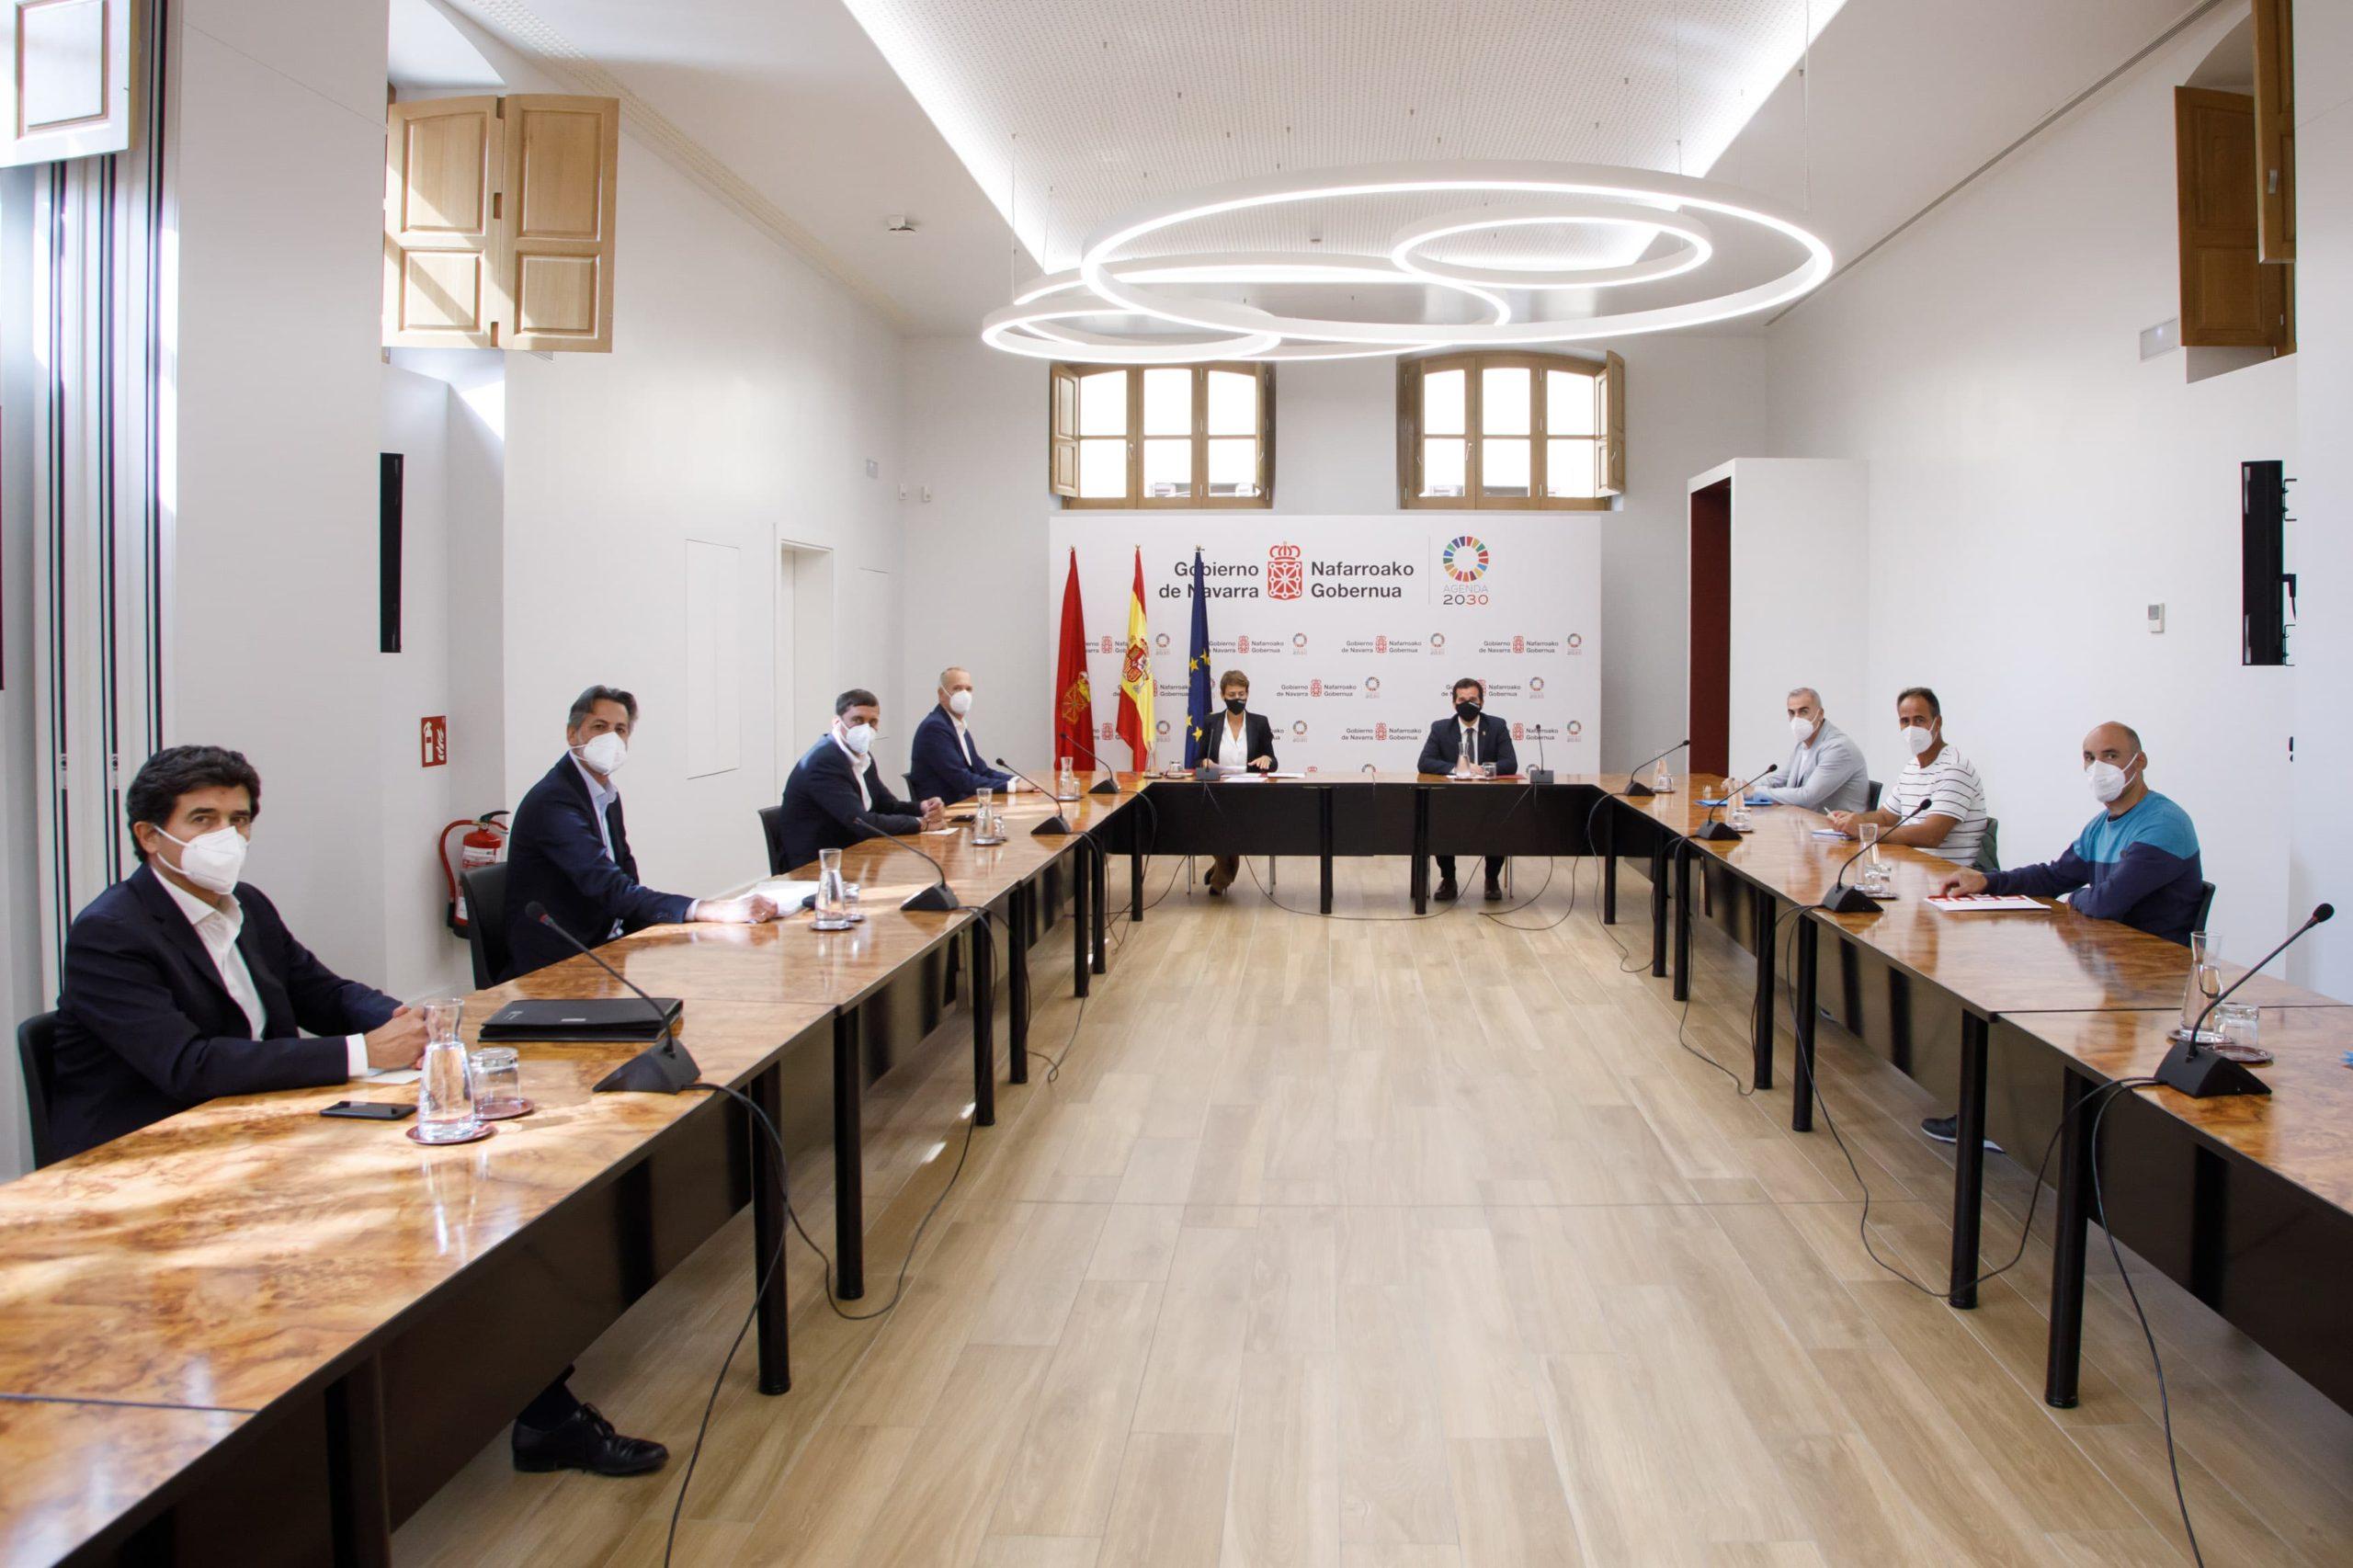 Gobierno, comite y Volkswagen Navarra comparten objetivos comunes de cara al futuro 1